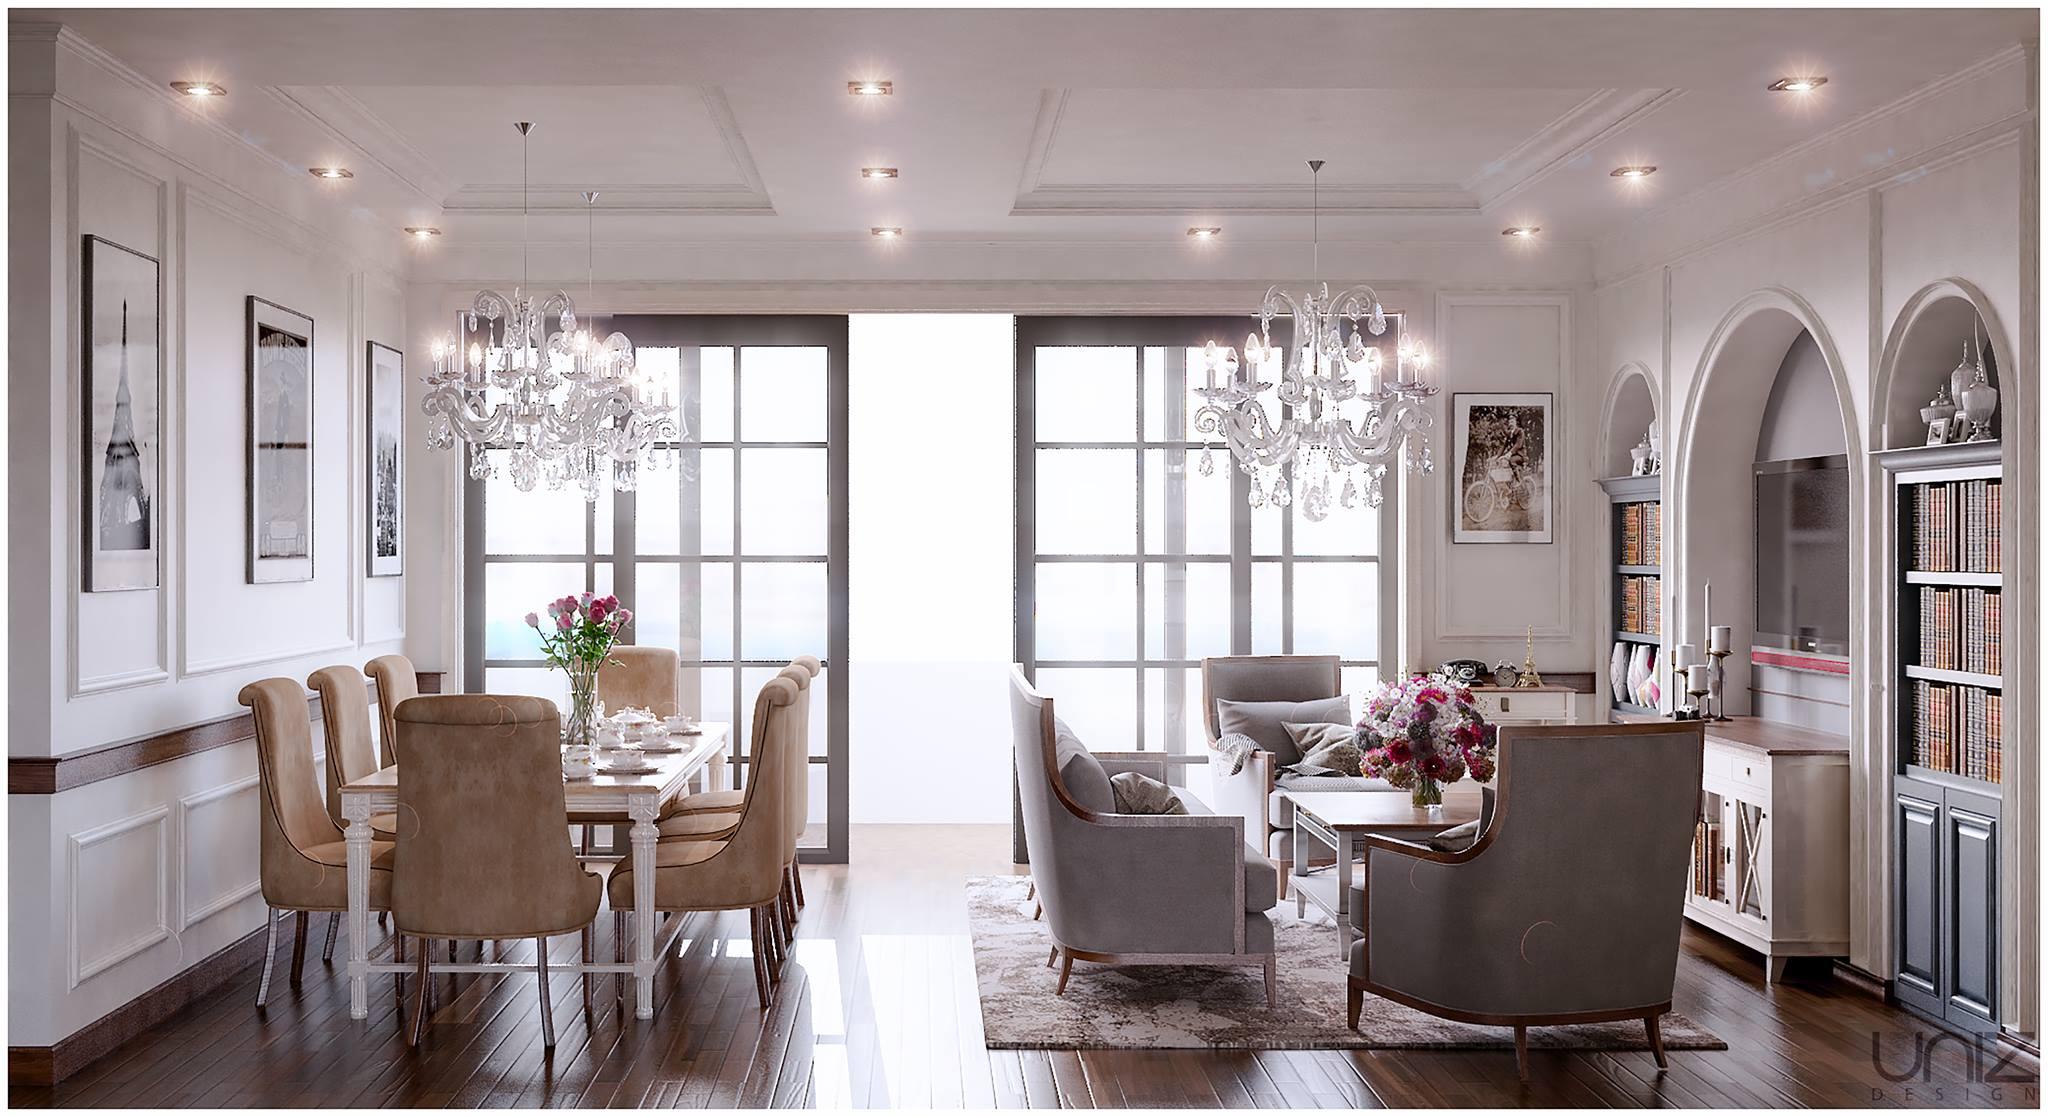 UNIZ Thiết kế kiến trúc nội thất Buôn Ma Thuột. Nội thất phòng khách